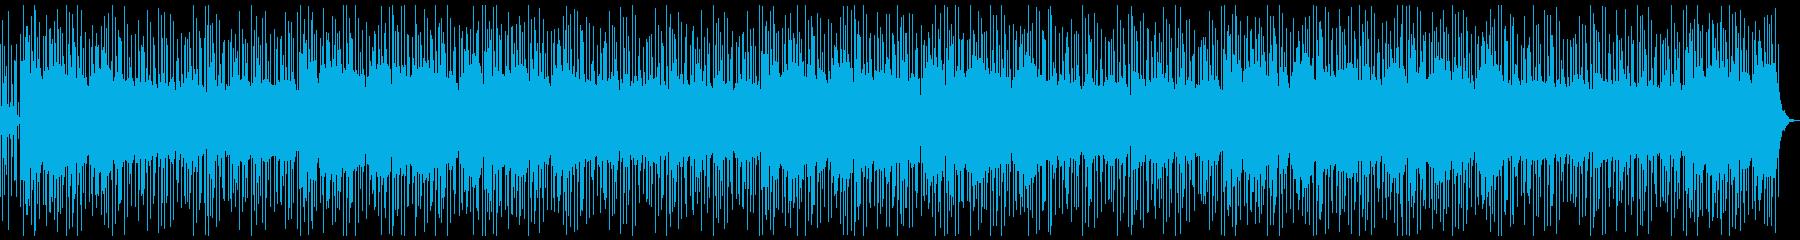 ほのぼのした懐かしい雰囲気のポップスの再生済みの波形